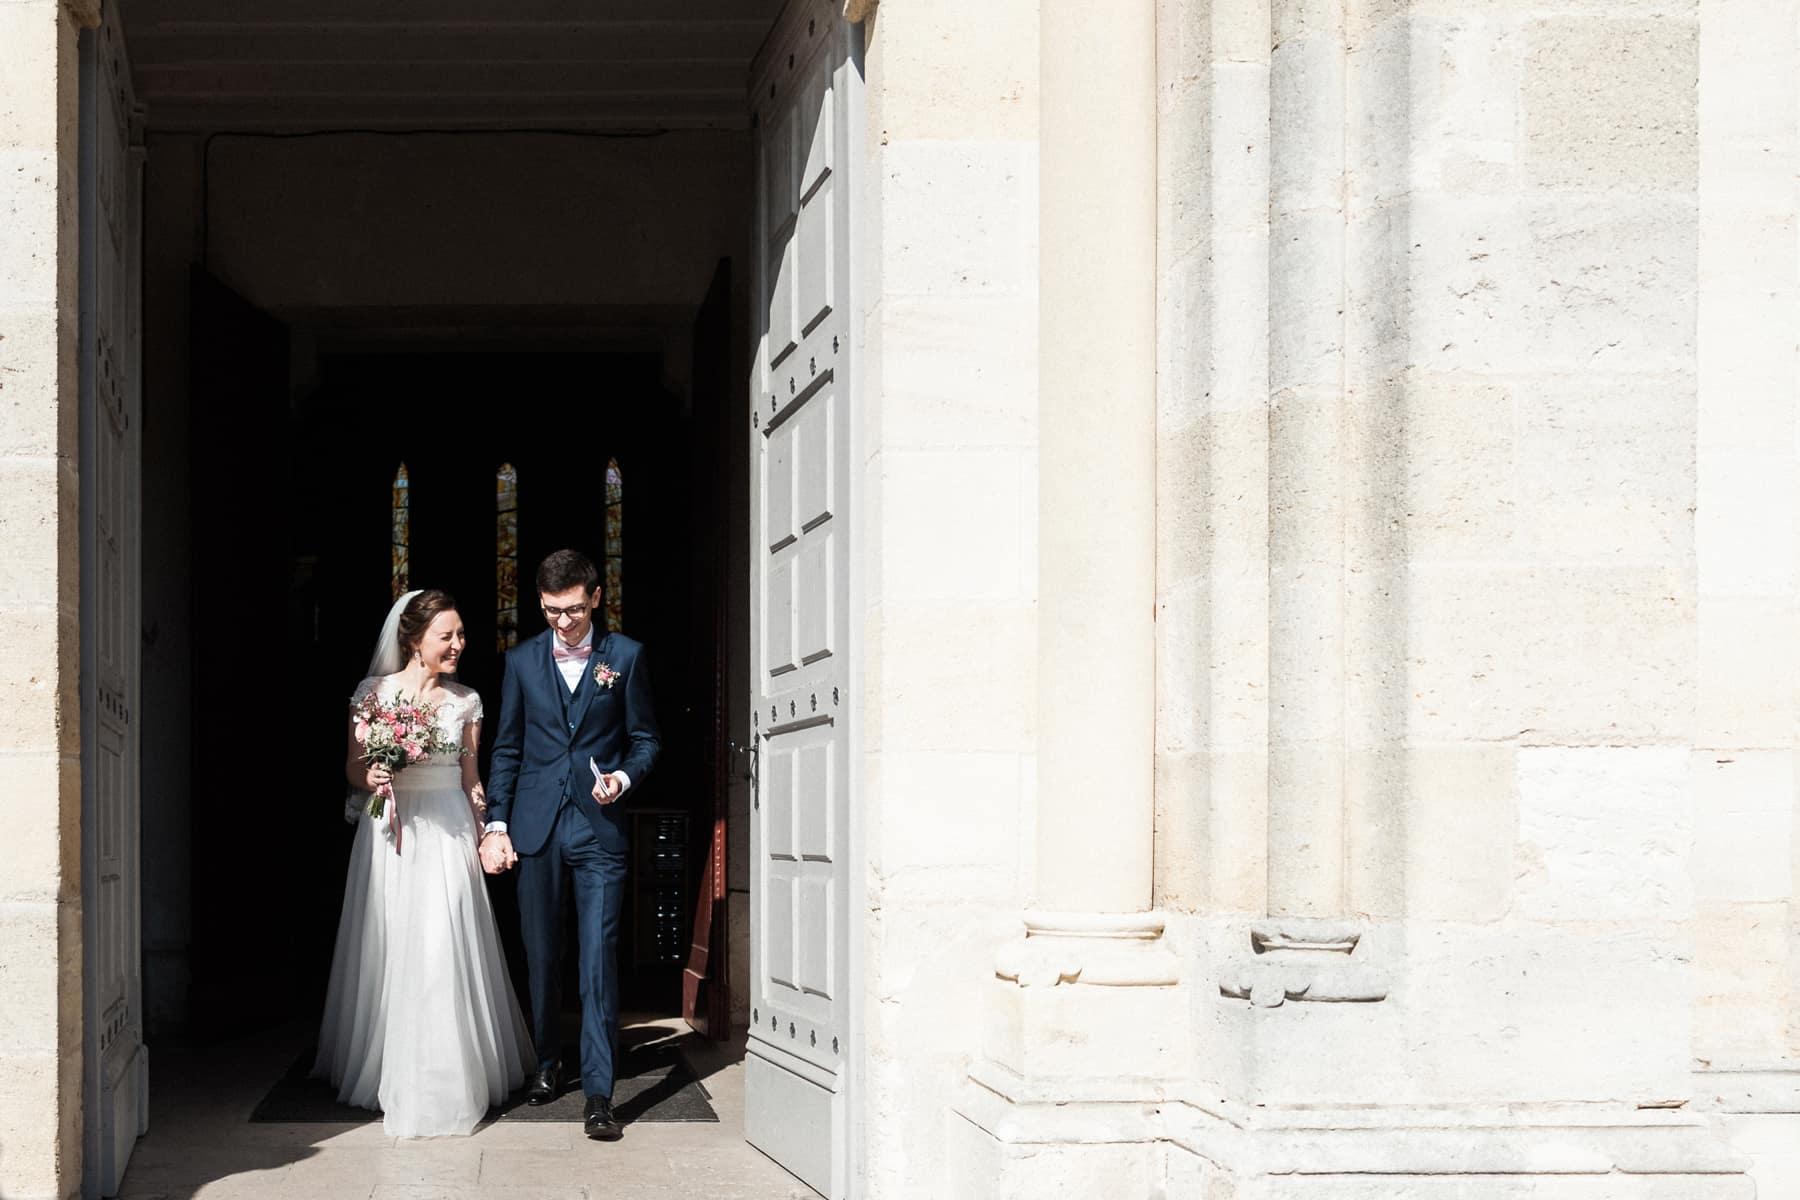 Sortie des mariés, confettis et paillettes, photographe de mariage à Bordeaux